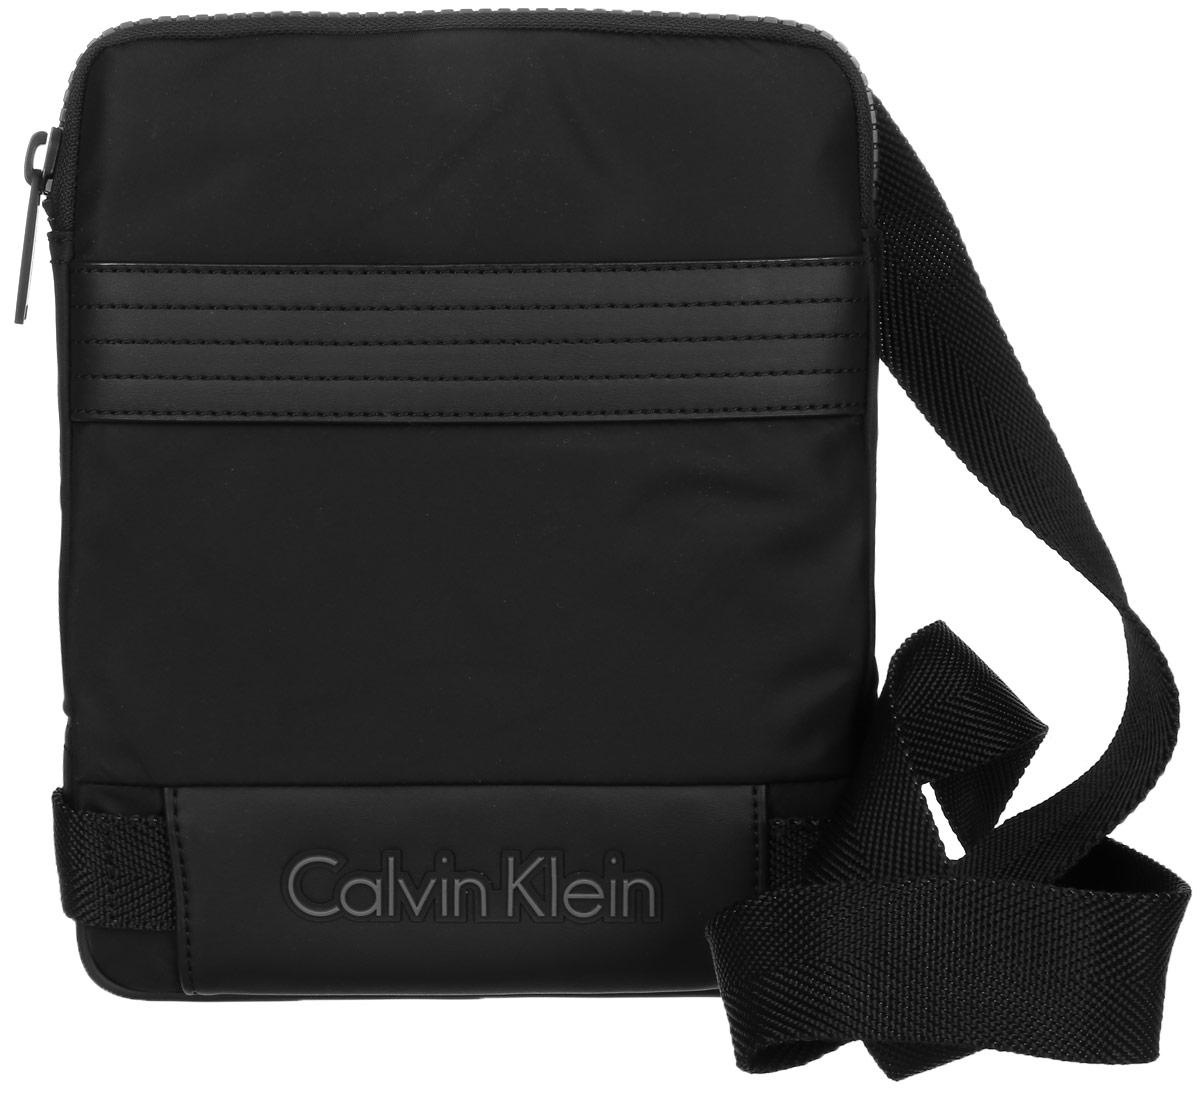 Сумка мужская Calvin Klein Jeans, цвет: черный. K50K502037_001K50K502037_001Стильная сумка Calvin Klein Jeans выполнена из полиамида и нейлона. Изделие содержит одно большое отделение, которое закрывается на застежку-молнию. Внутри сумки размещены один кармашек на застежке-молнии и один накладной открытый. Спереди сумка так же дополнена открытым накладным карманом. Сумка оснащена плечевым ремнем регулируемой длины. Оформлена модель надписью с названием бренда. В комплекте с изделием поставляется чехол для хранения.